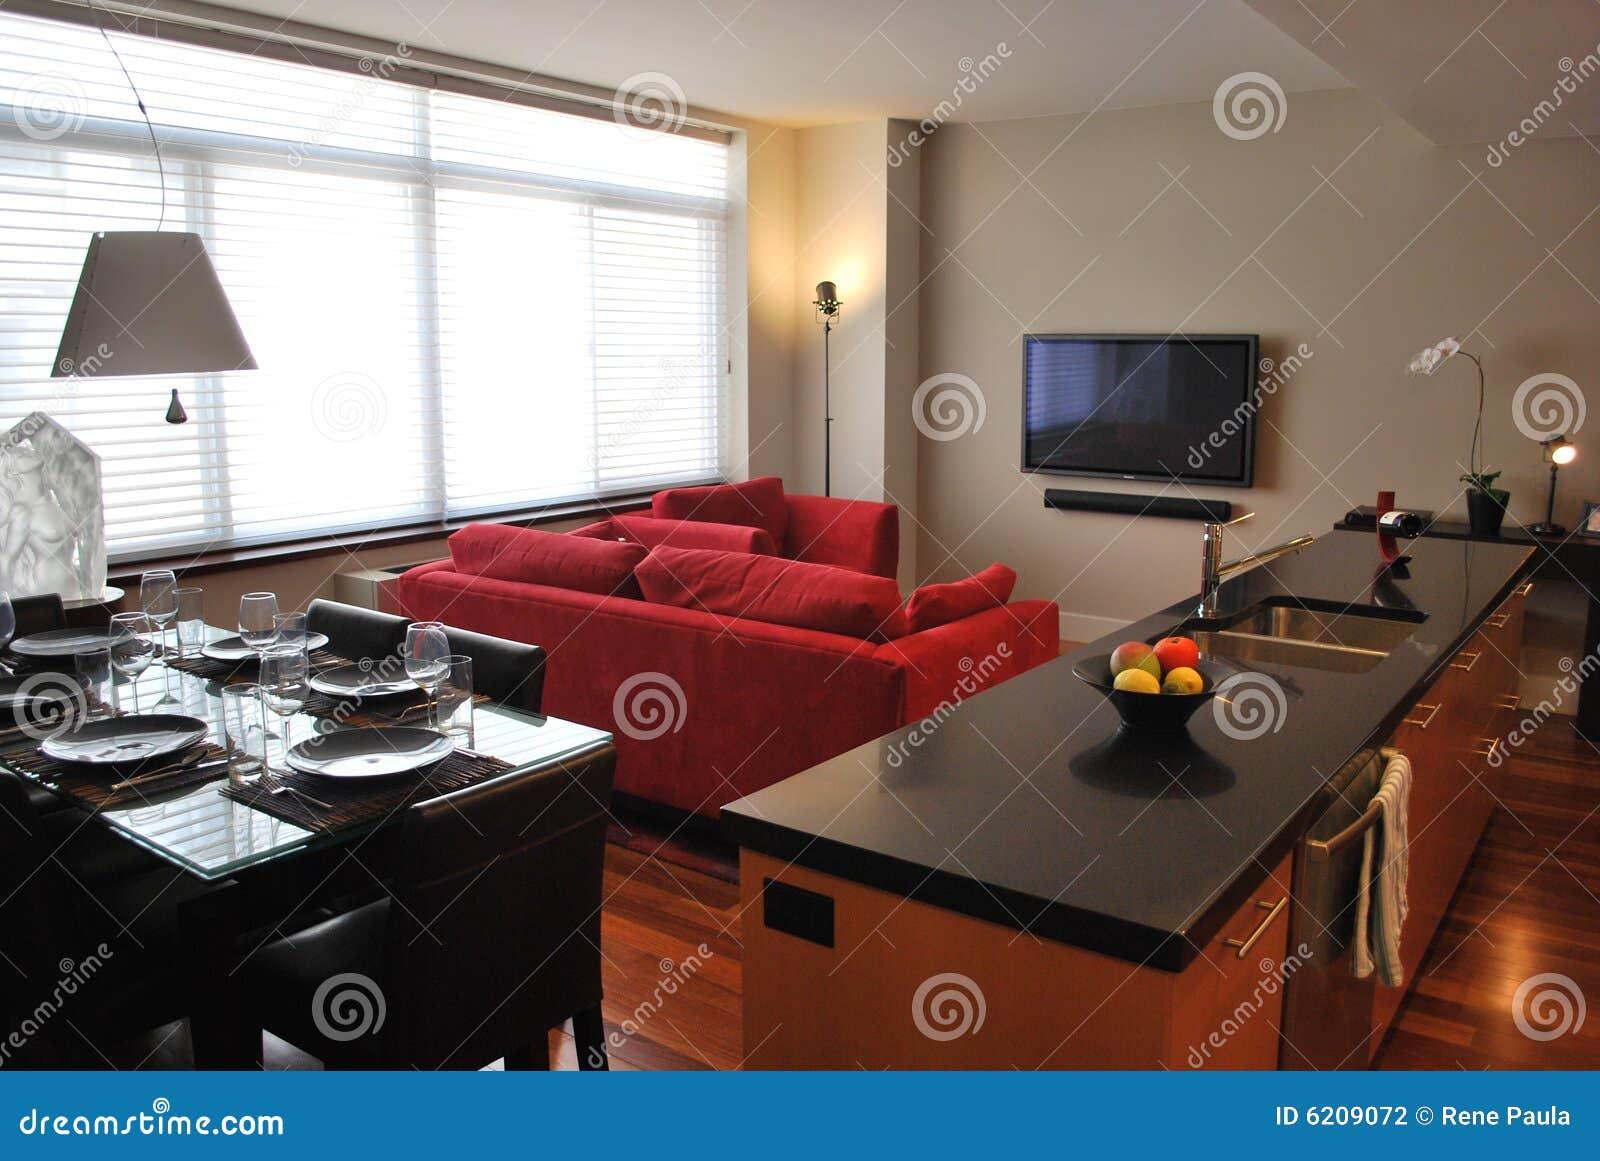 Appartement moderne avec la cuisine ouverte vie dinant for Grande cuisine ouverte